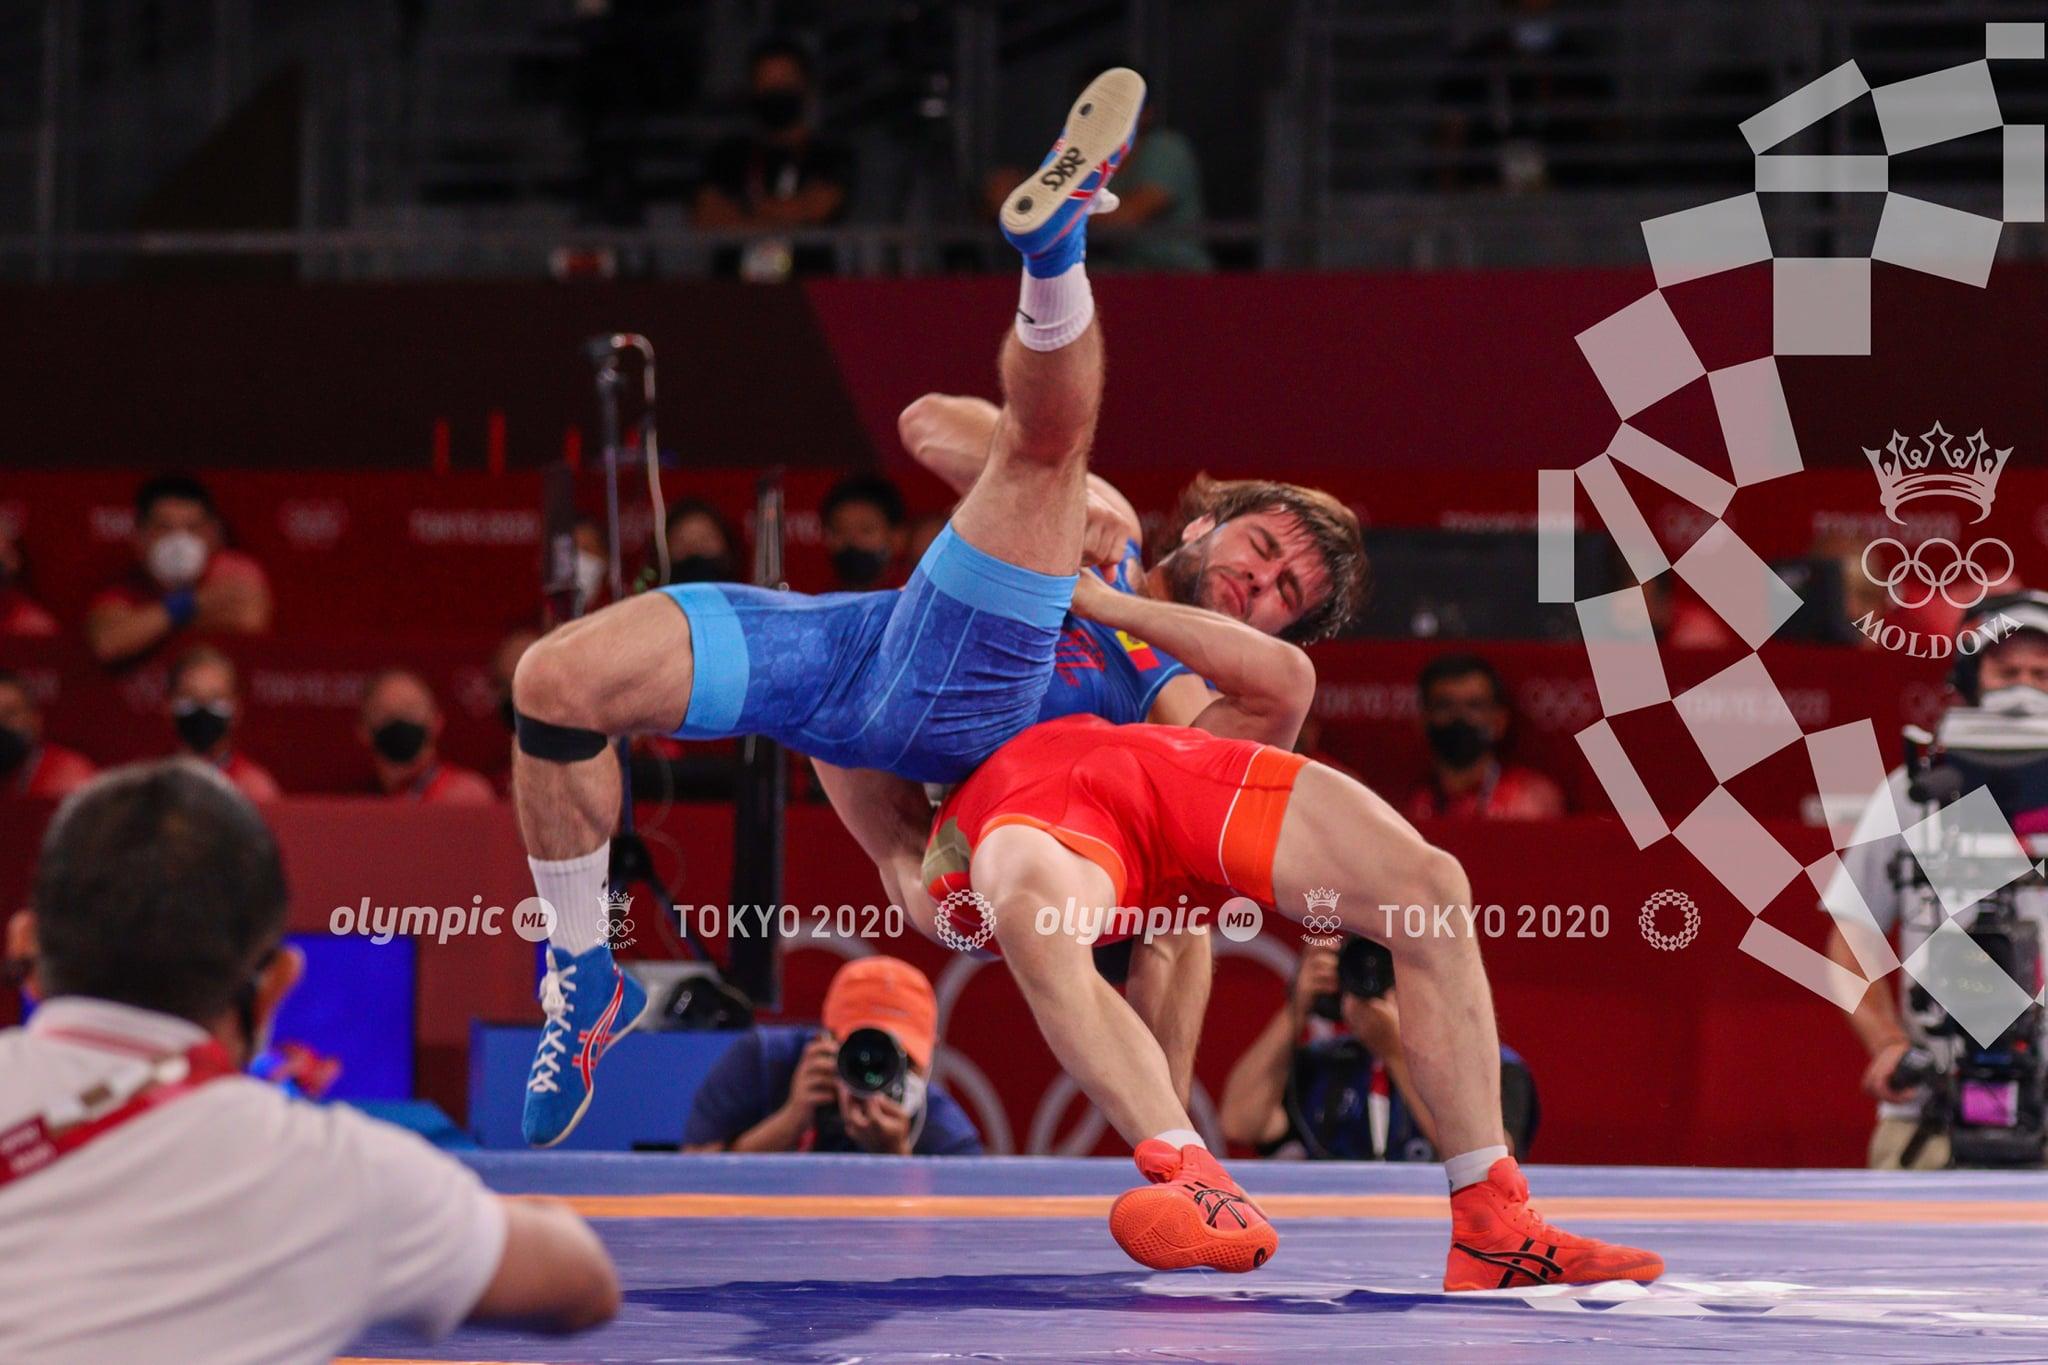 Молдавский борец занял 5 место на Олимпийских играх в Токио. Пока это лучший результат Молдовы